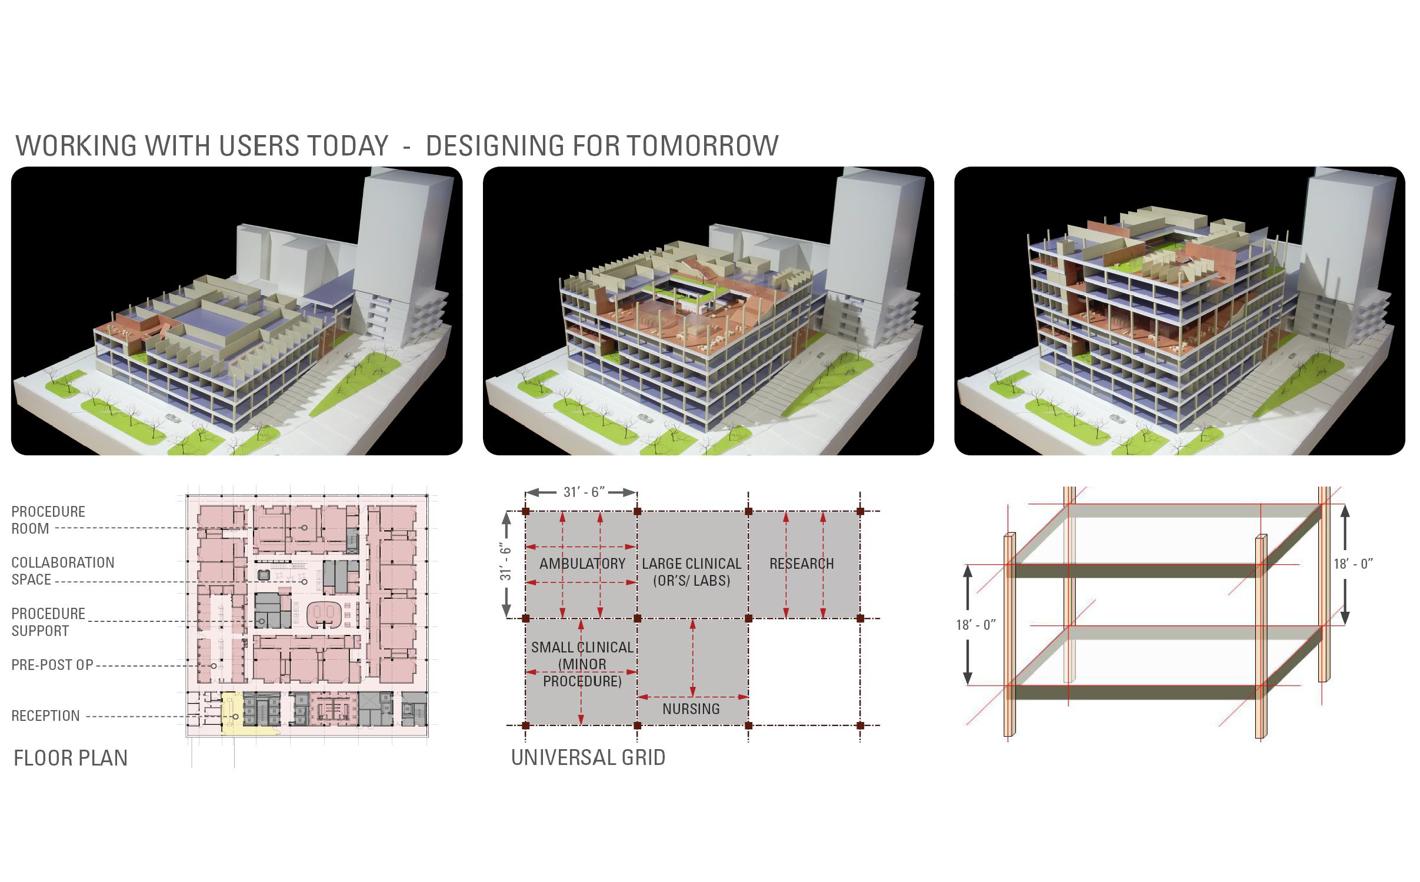 Gates Vascular Institute, University Hospital, Buffalo NY: Cannon Design with Yazdani Studio